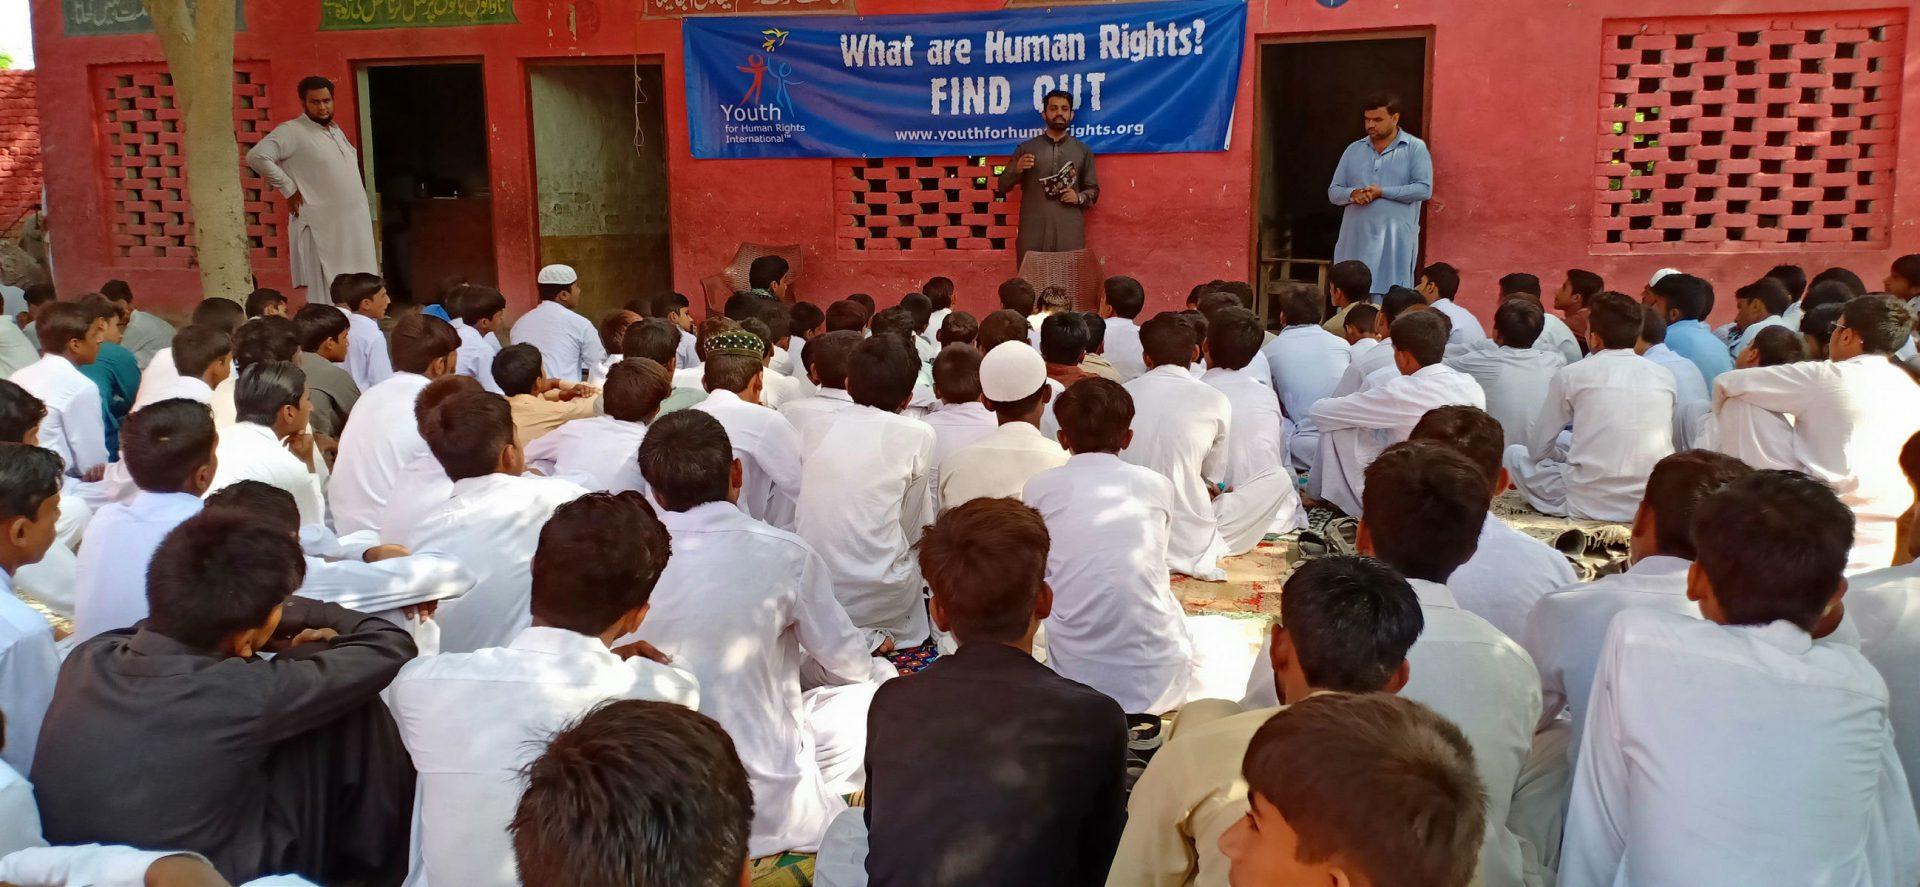 Éduquer les jeunes Pakistanais aux droits de l'Homme